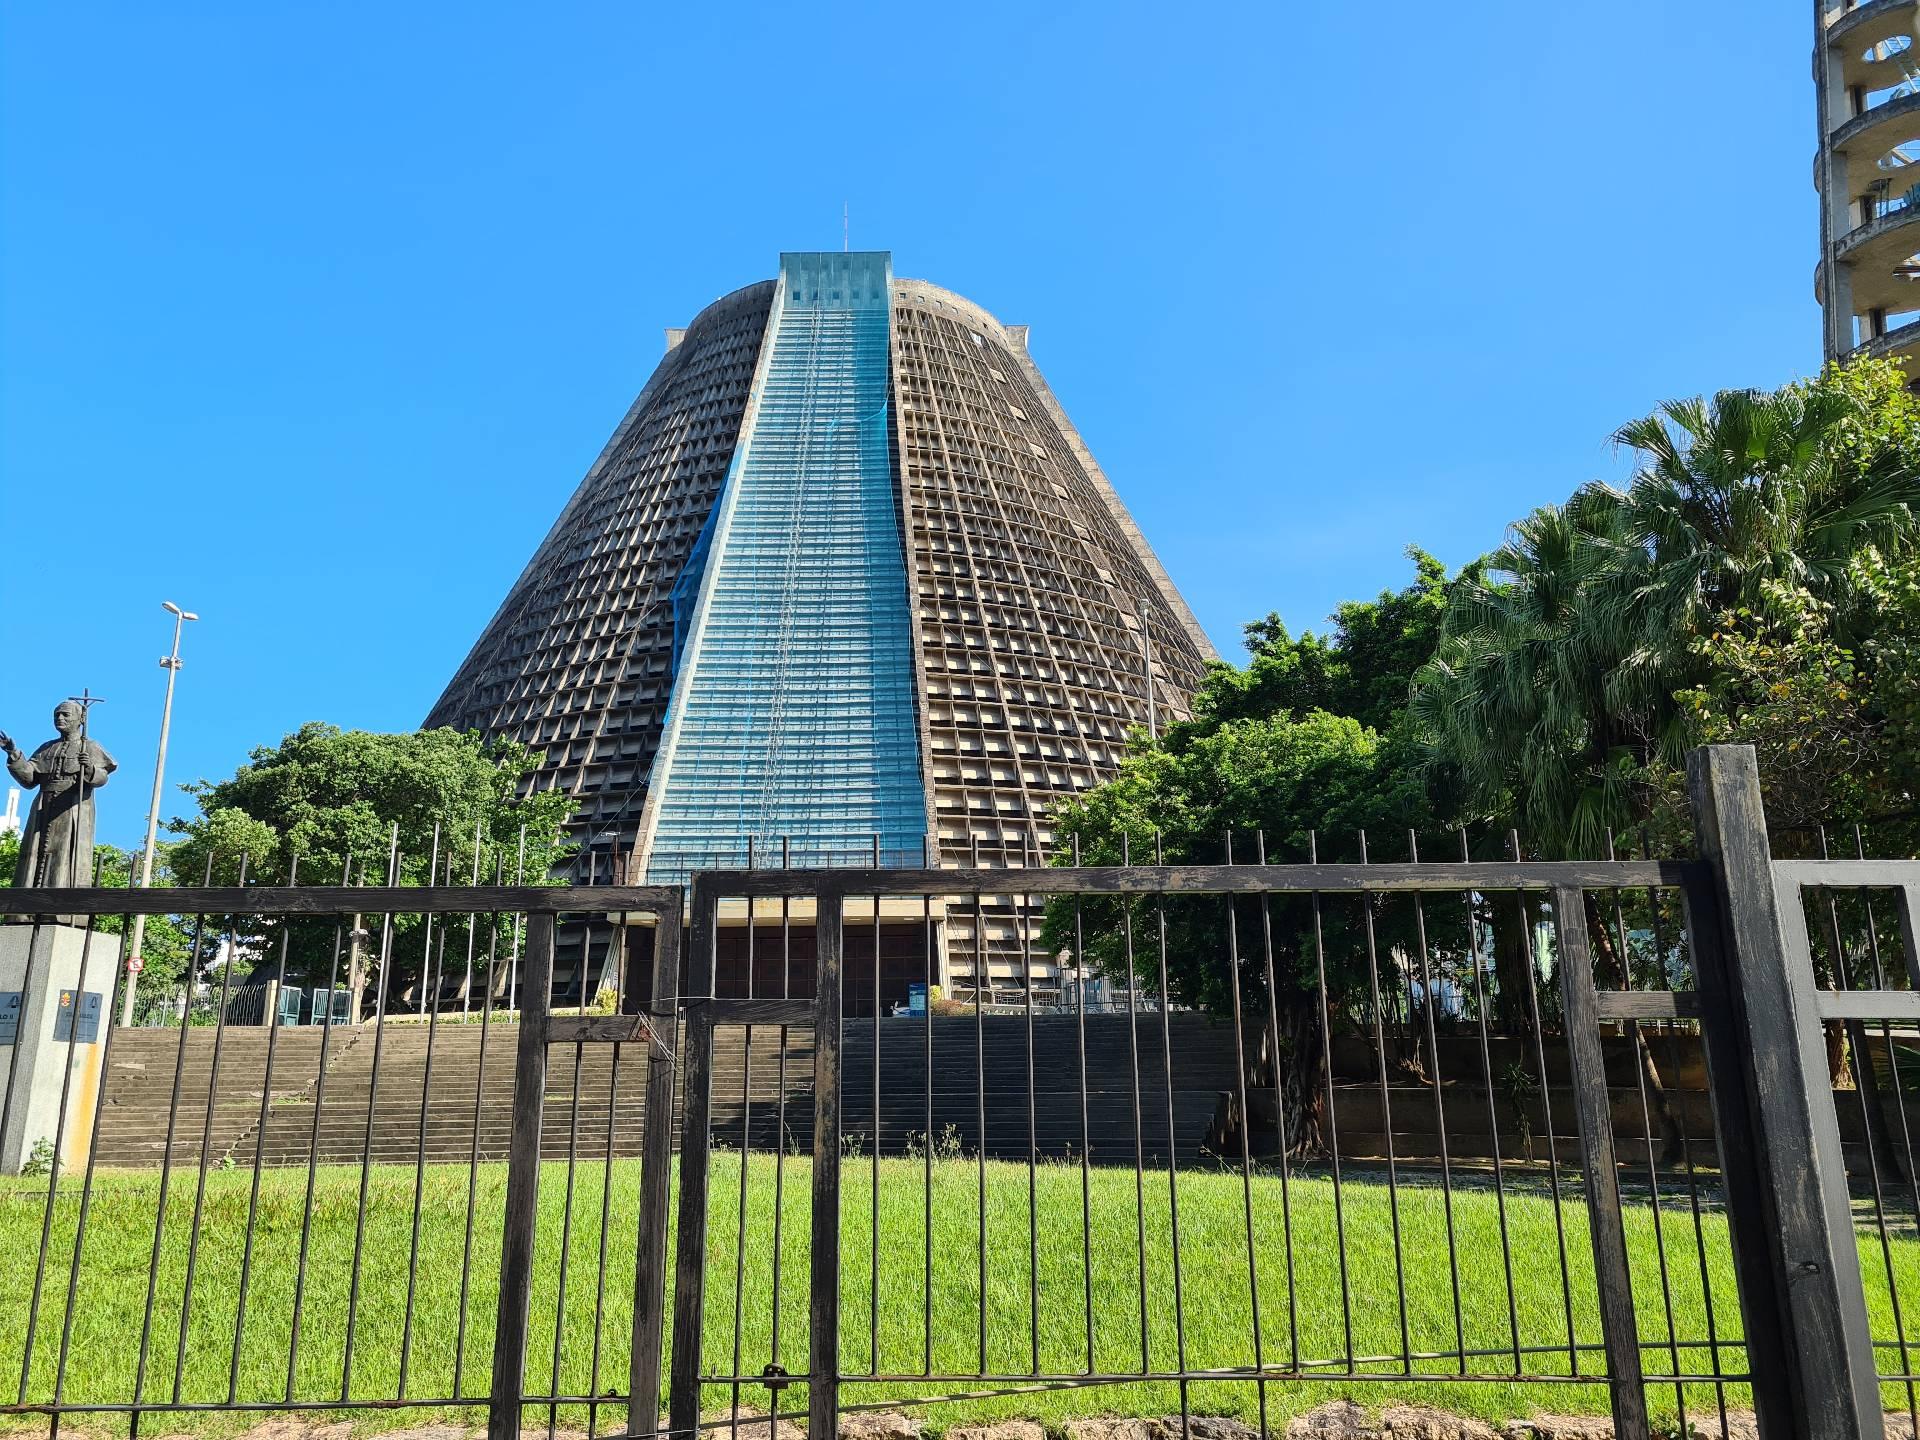 Собор святого Себастьяна в Рио-де-Жанейро